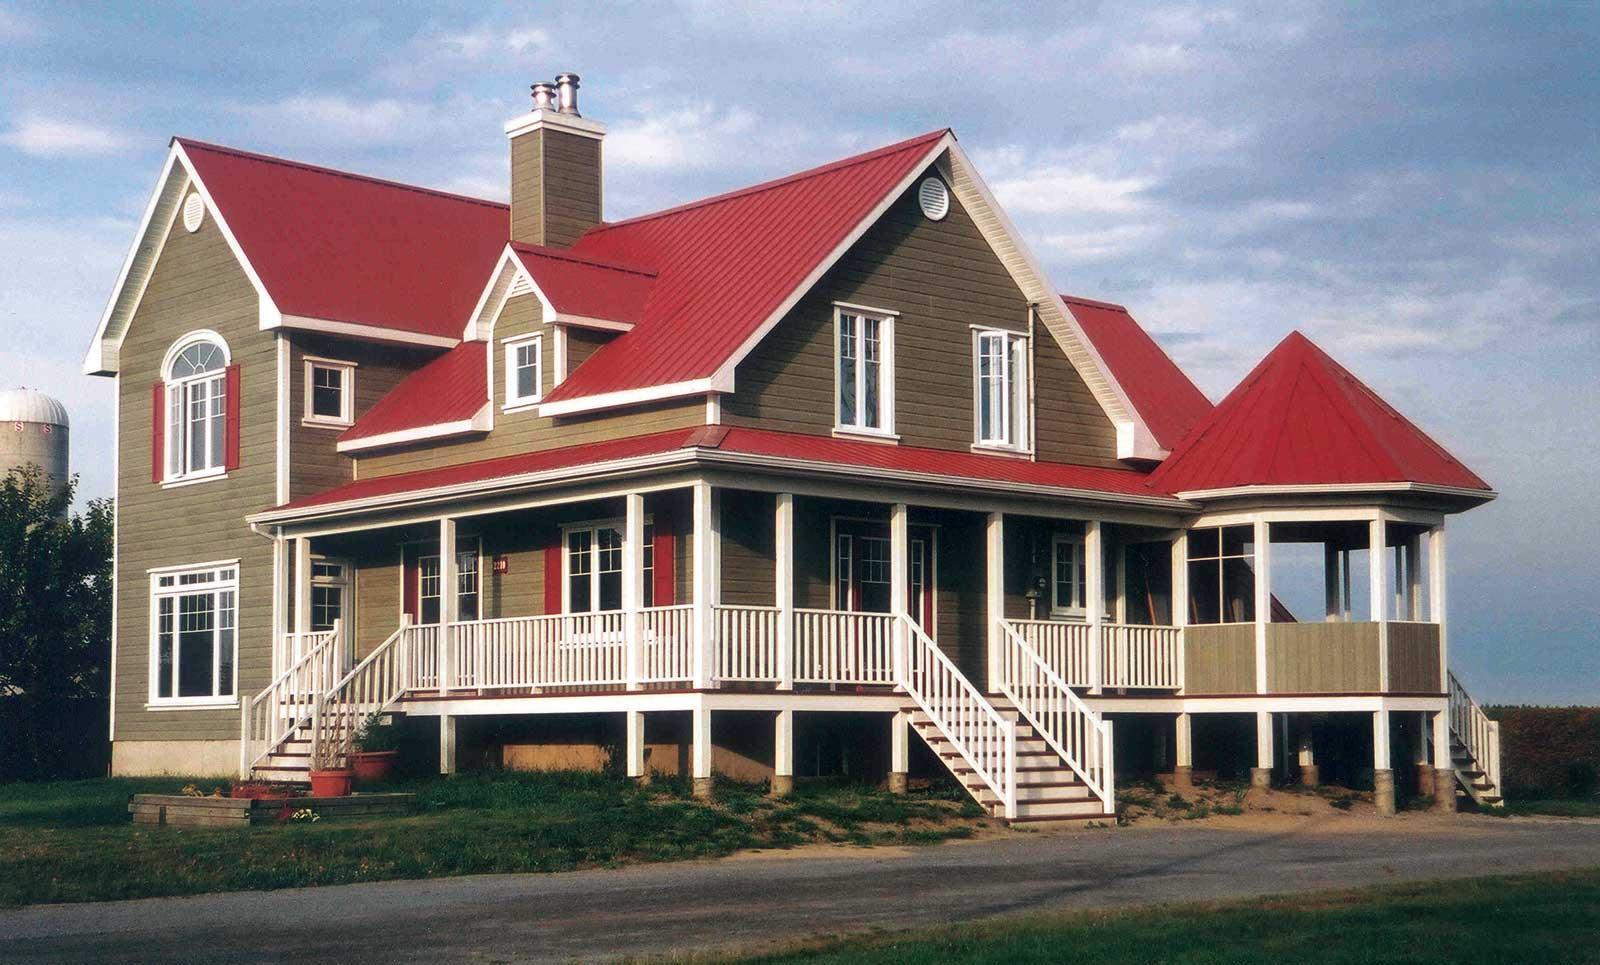 Nhà 2 tầng phong cách châu Âu với mái tôn đỏ đậm